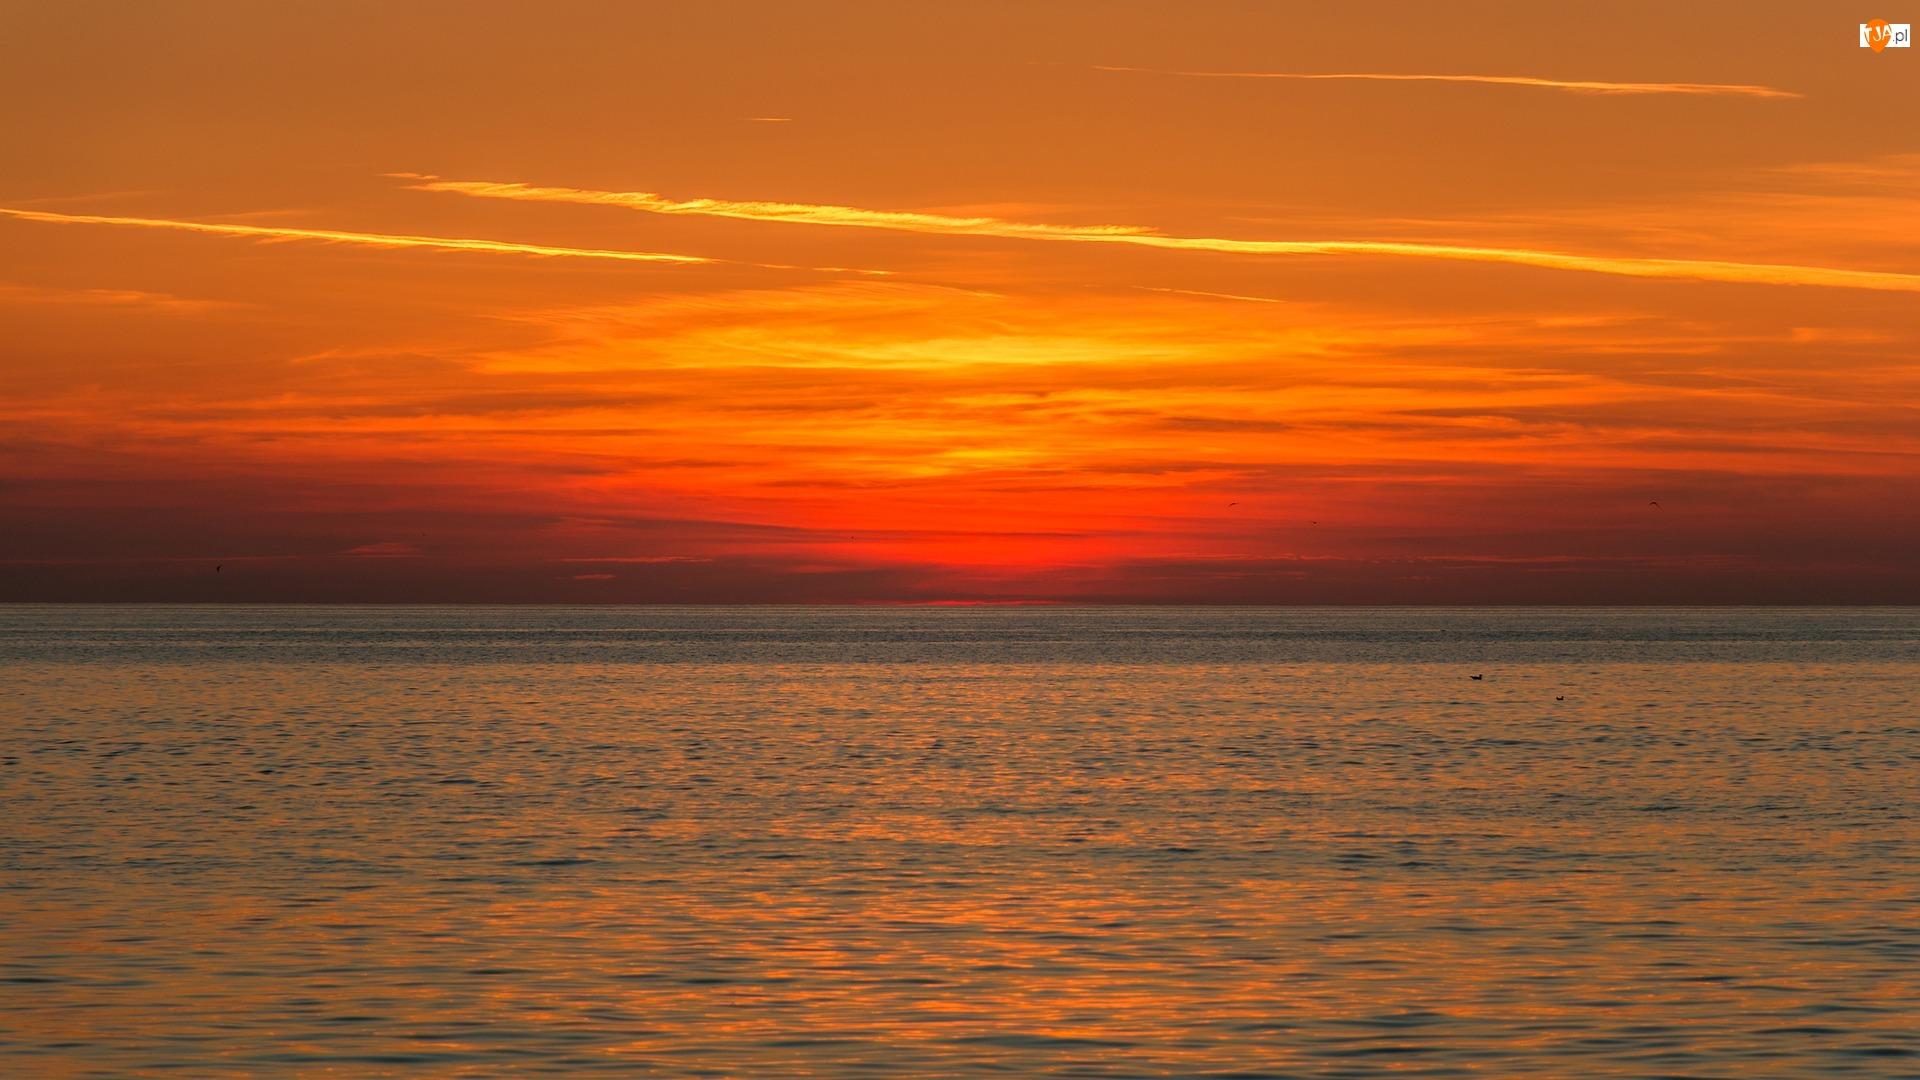 Horyzont, Morze, Zachód słońca